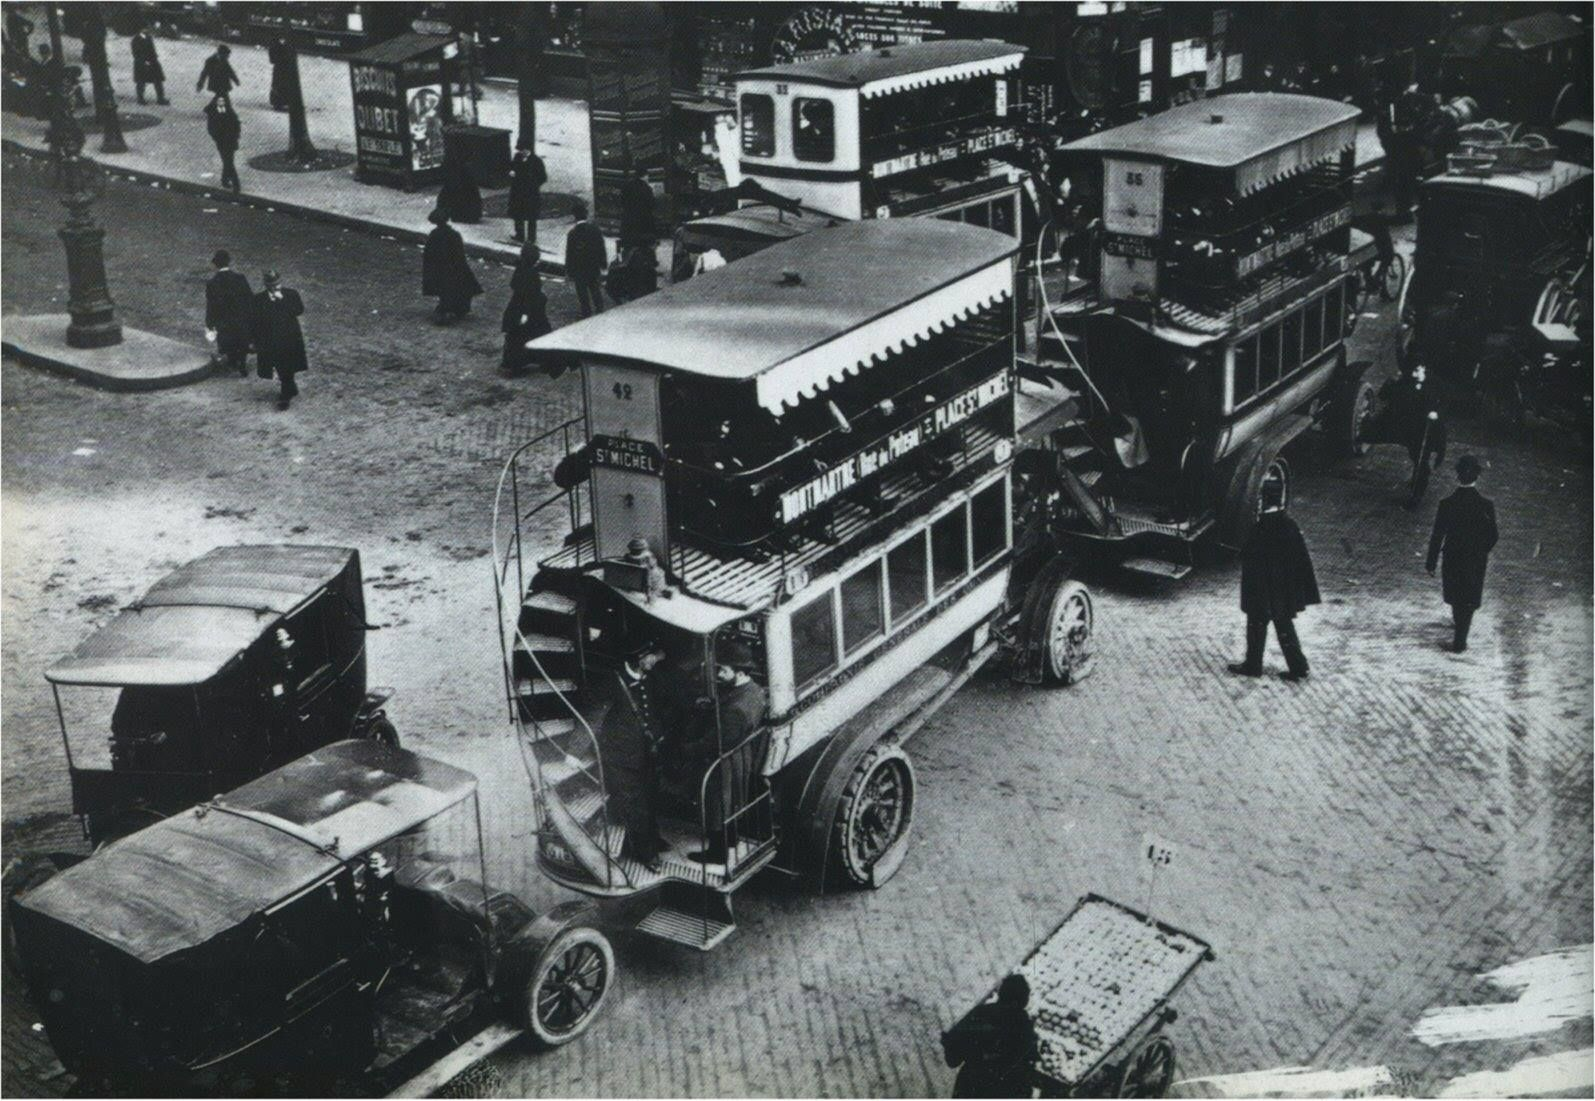 Paris 1910, quelques embarras de circulation au carrefour Montmartre-Poissonnière... Pour les intéressé(e)s, il s'agirait principalement d'autobus à plate-forme Brillié-Schneider P2.  (photo © RATP)